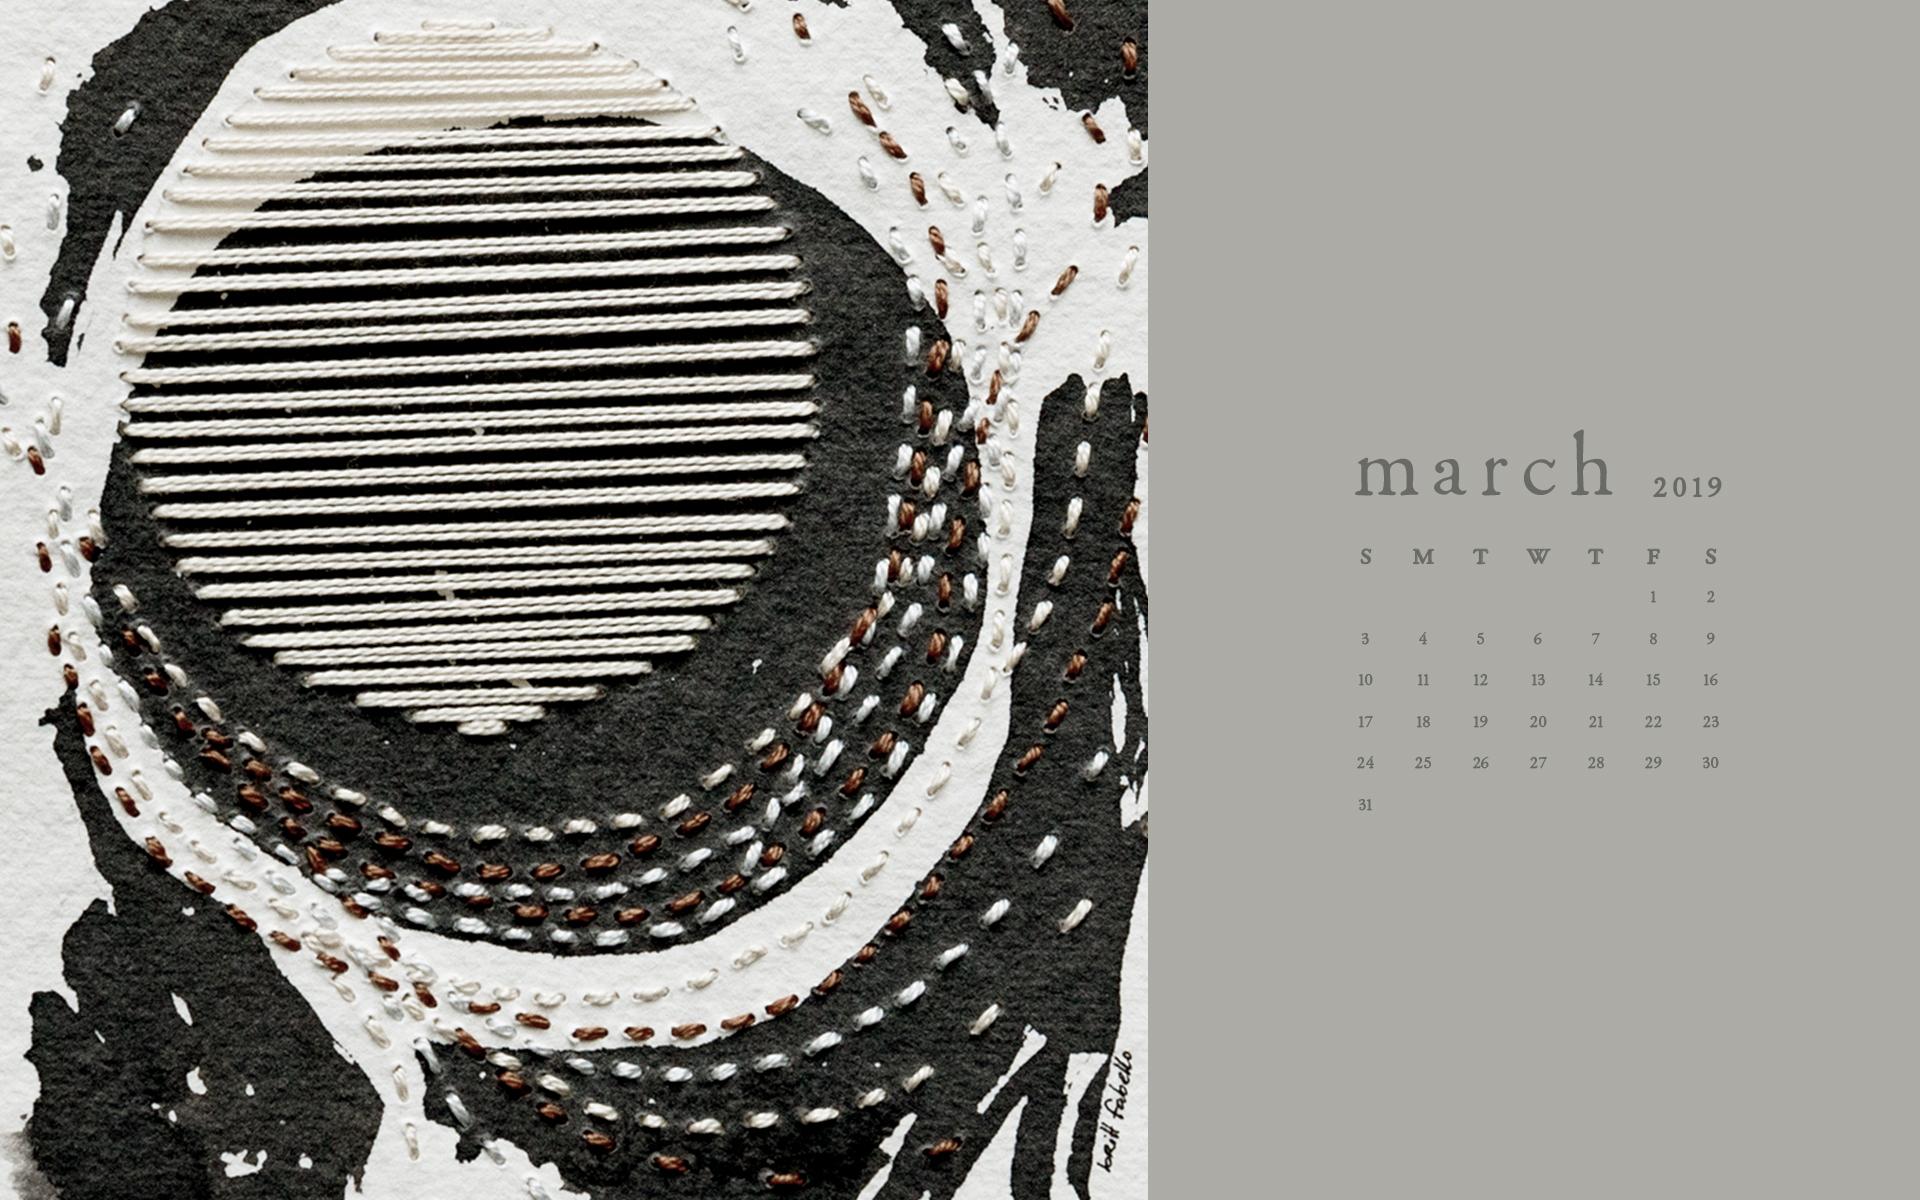 Wallpaper: March 2019 Calendar & Art | Desktop Computer | Britt Fabello